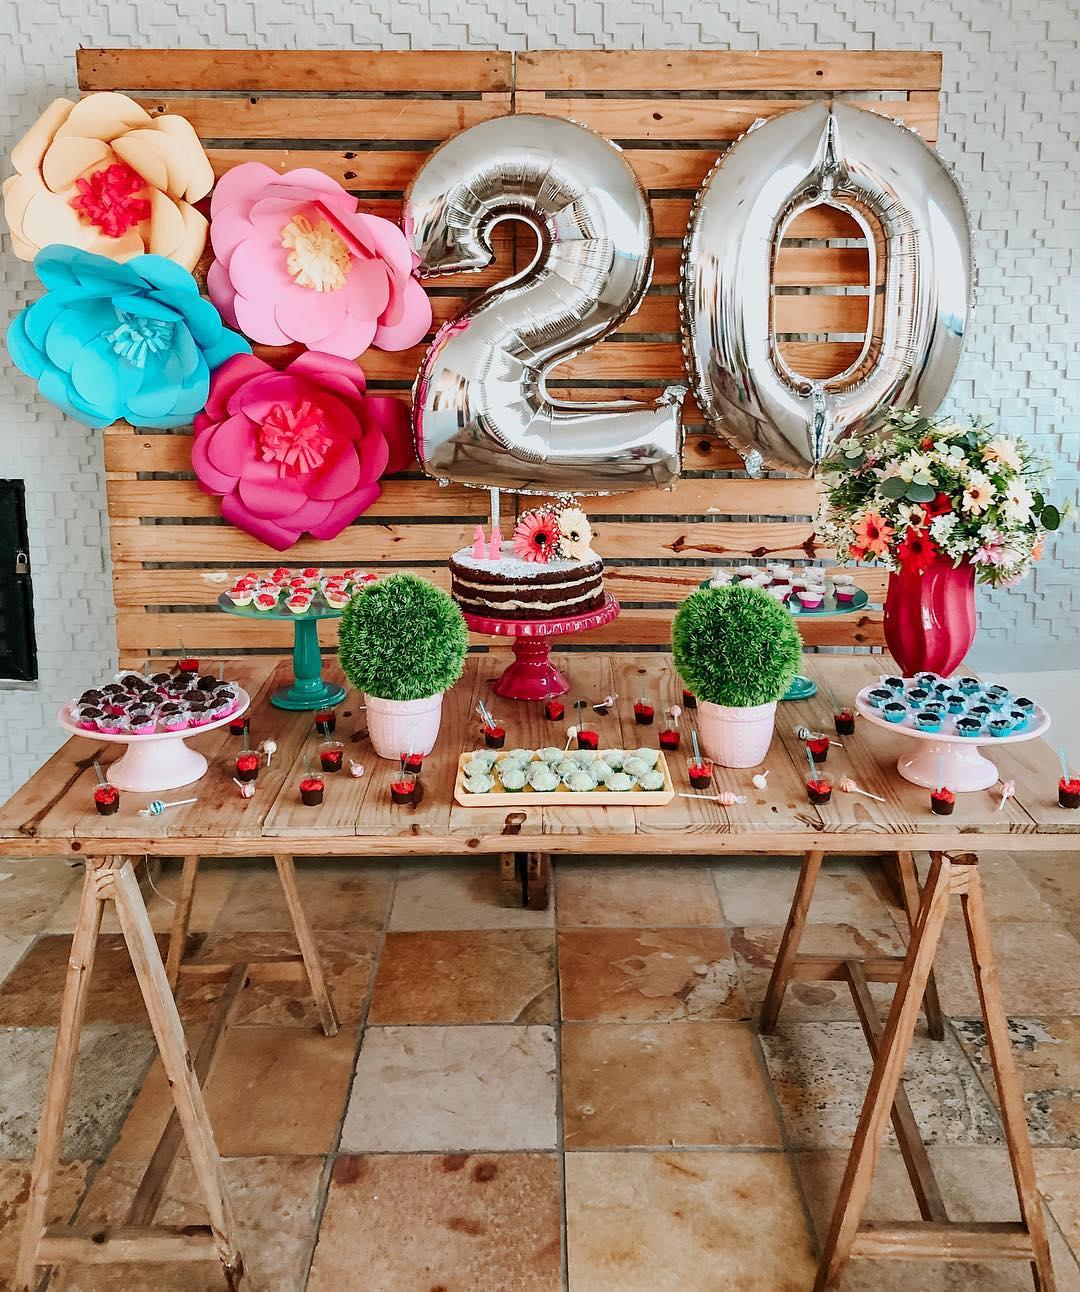 decoracion de cumpleaños para mujer sencilla